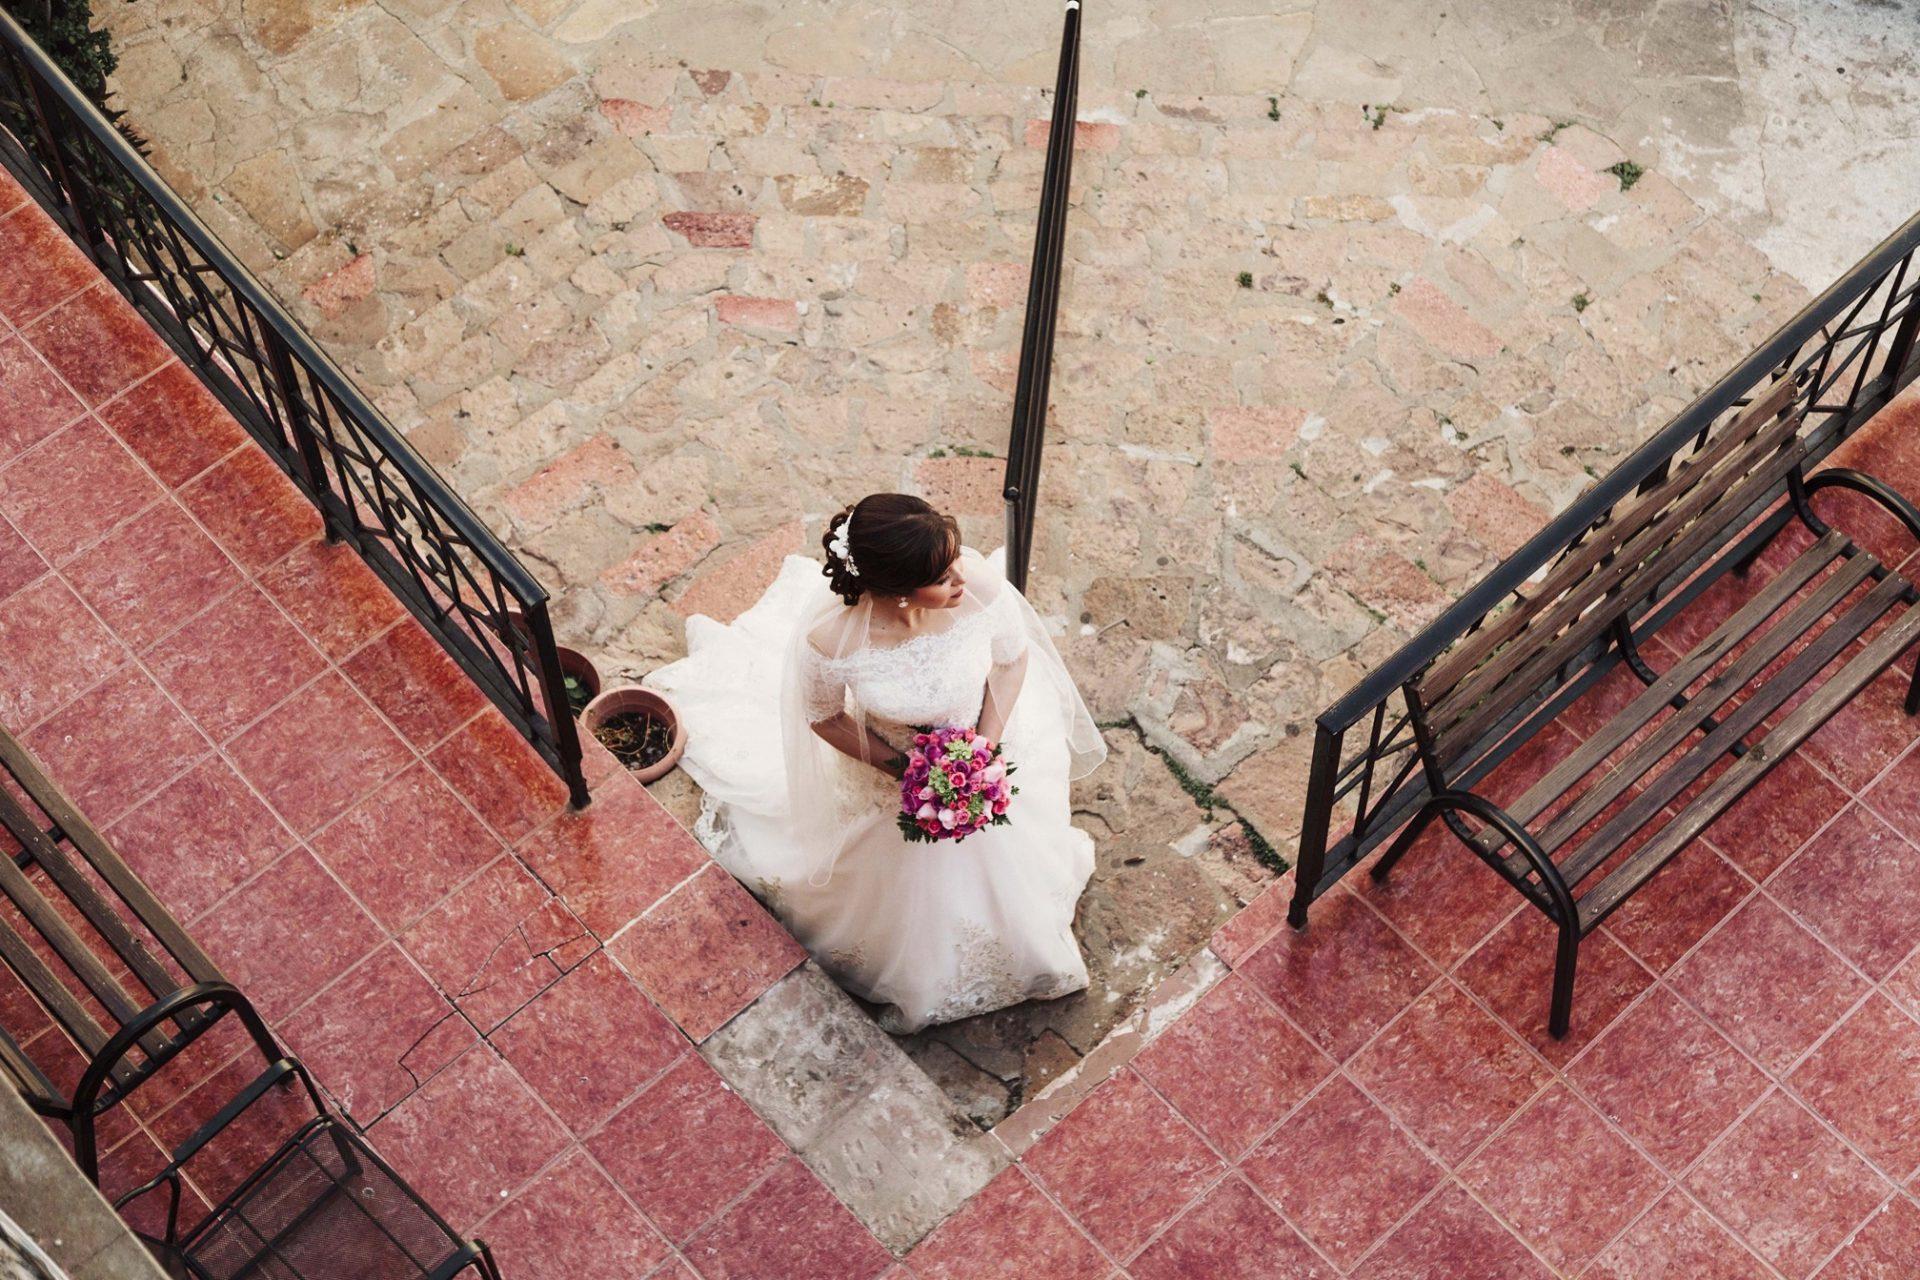 boda_zacatecas_fotografo_profesional_zacatecas_javiernoriega_fotografia_de_bodas-14